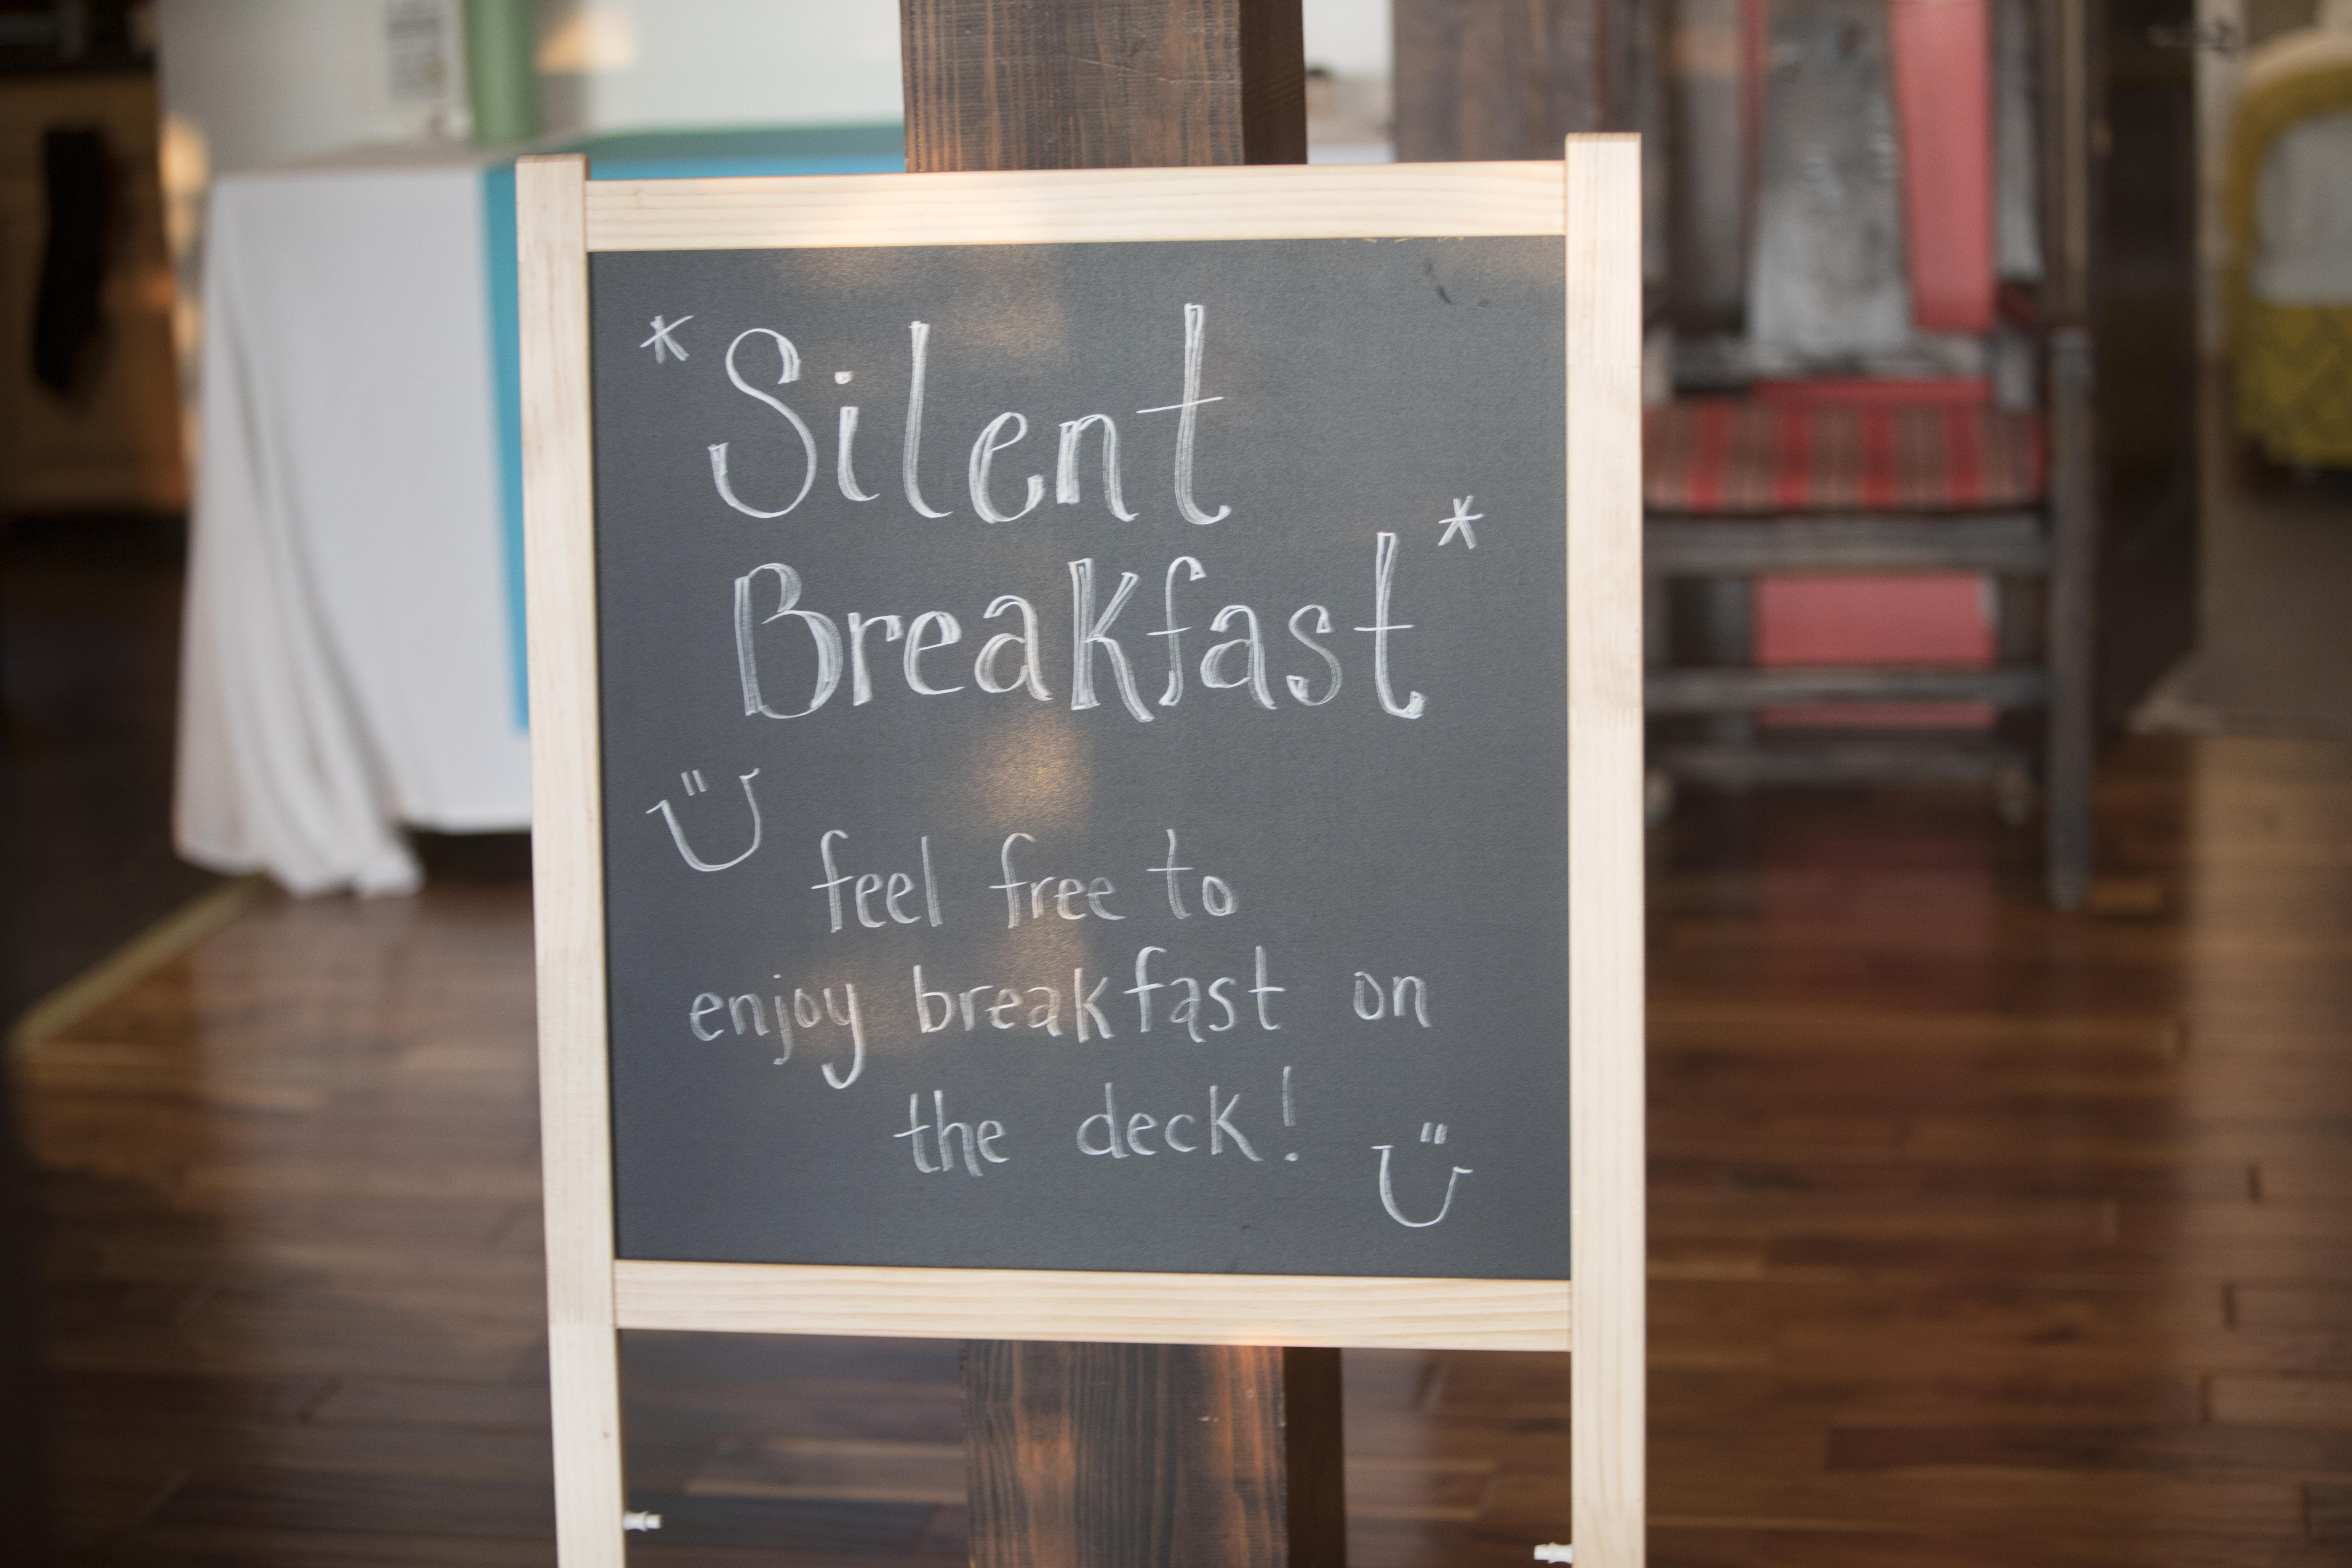 Silent Breakfast Practice